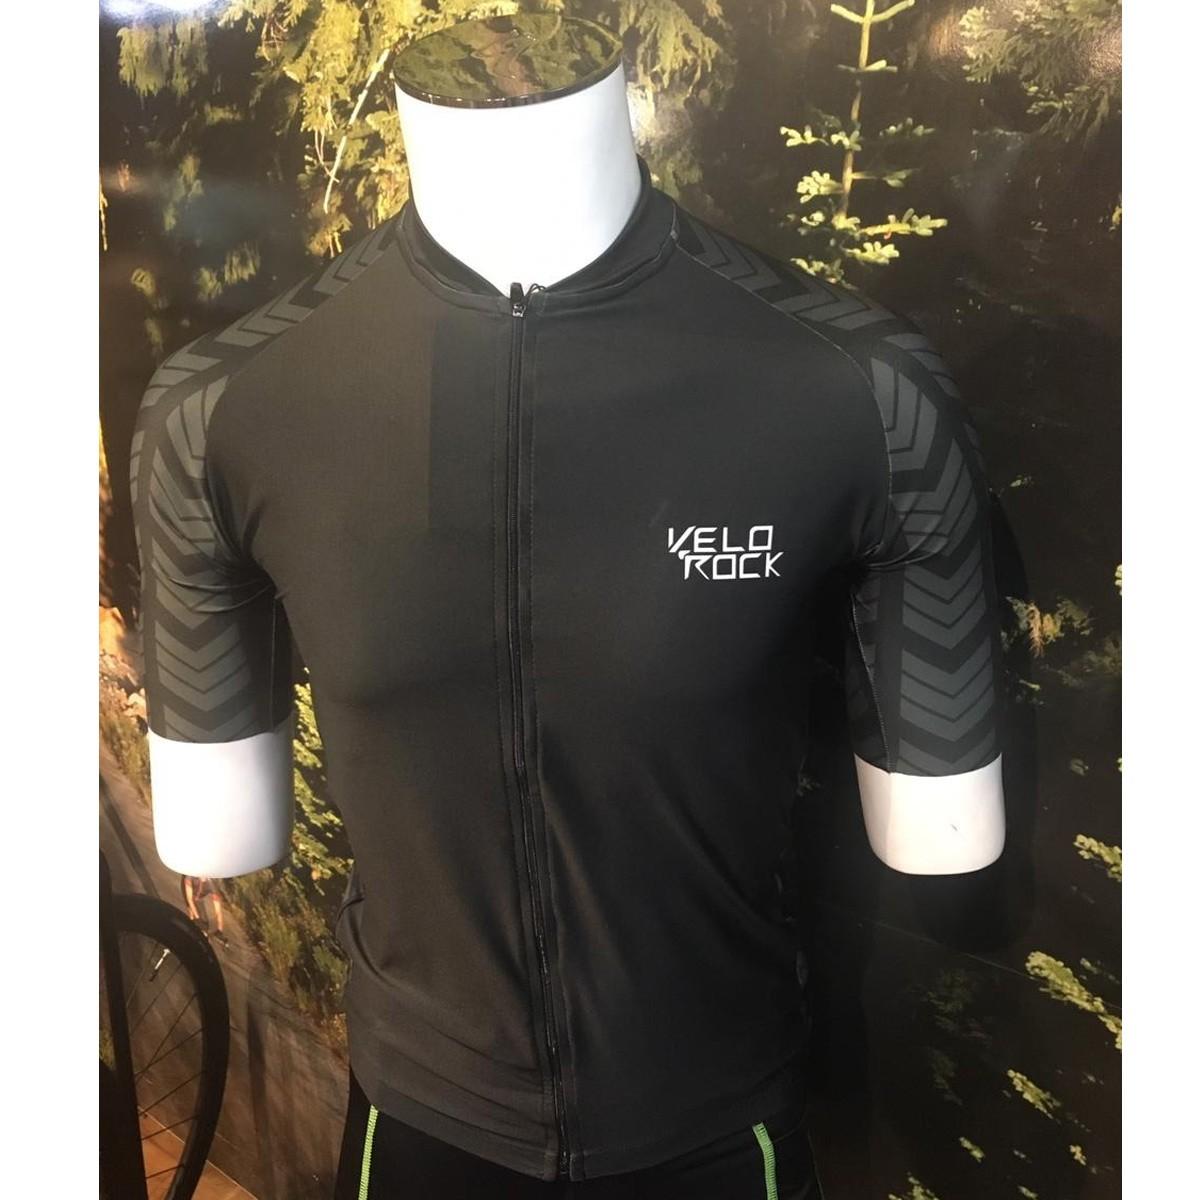 Camisa Velorock Selva